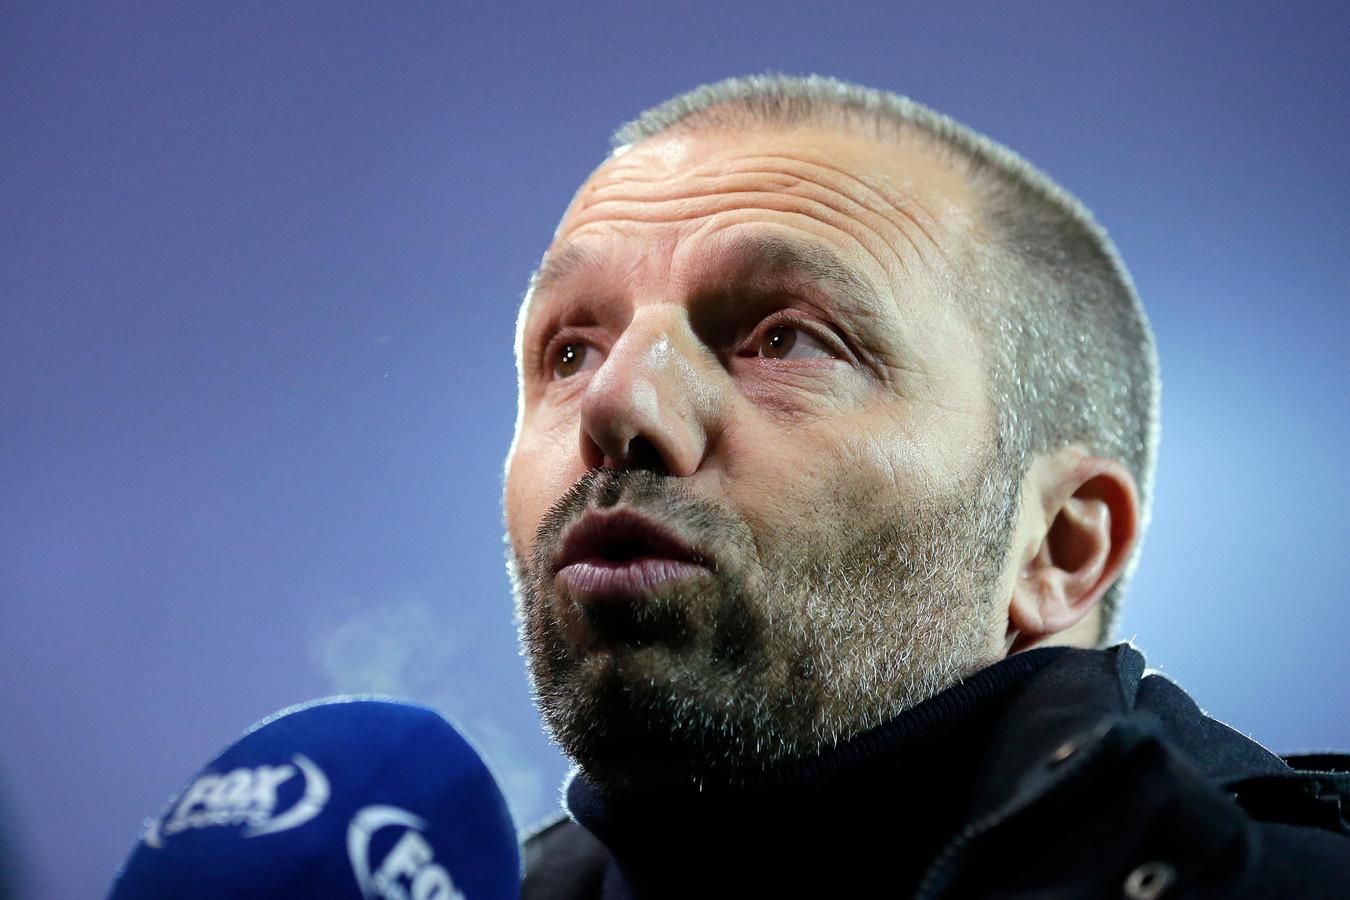 PEC Zwolle gaat deze week in gesprek met Maurice Steijn, samen met Albert Stuivenberg in de race voor de functie van hoofdtrainer.